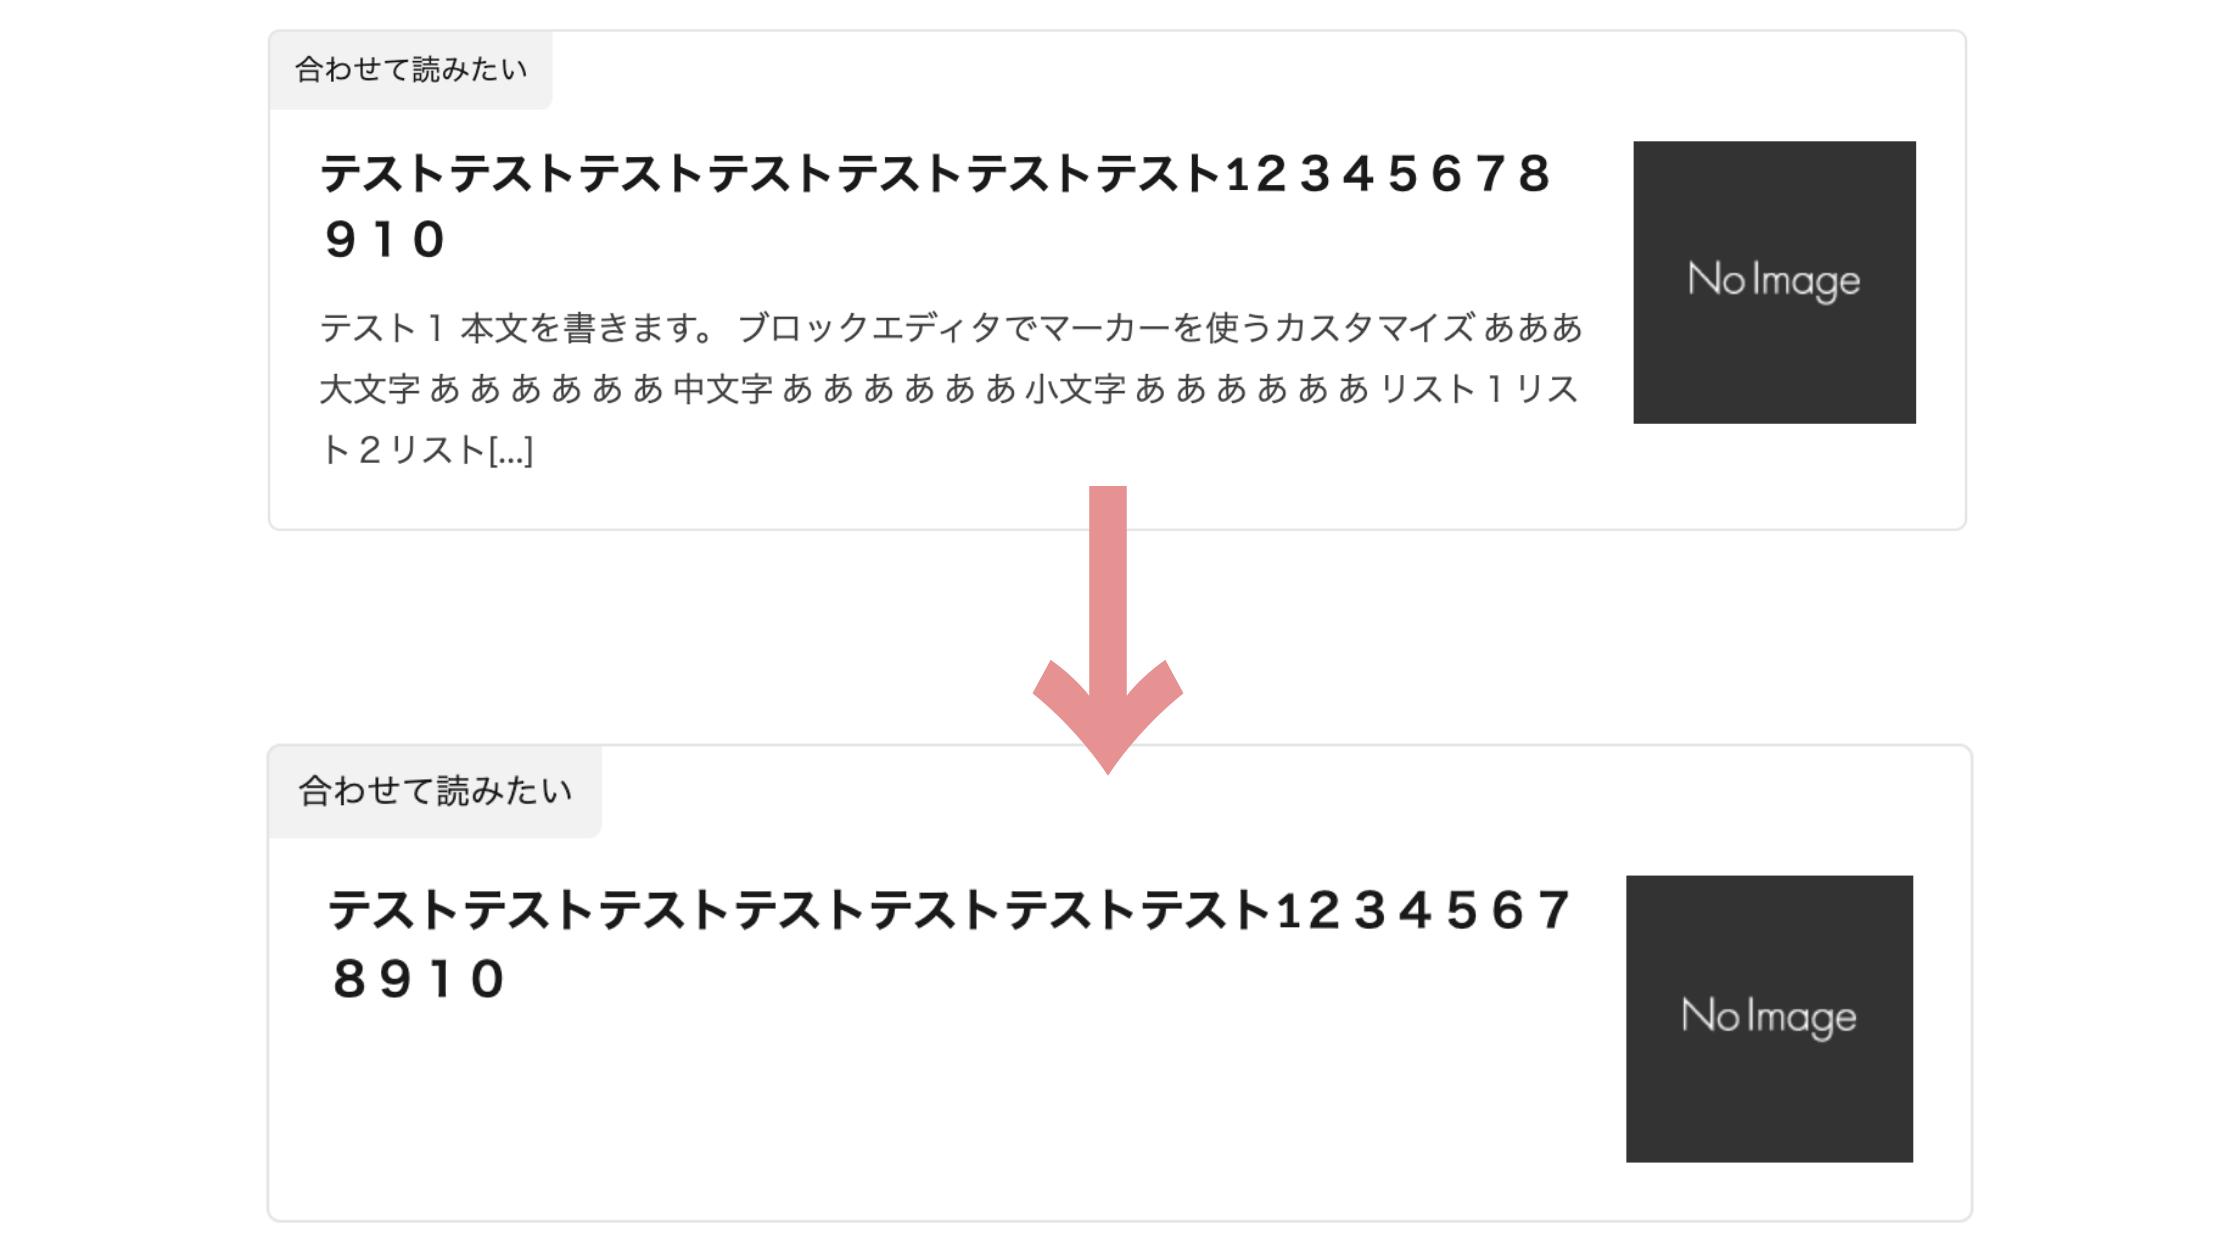 サイトカード・ブログカードのコメントを非表示にする